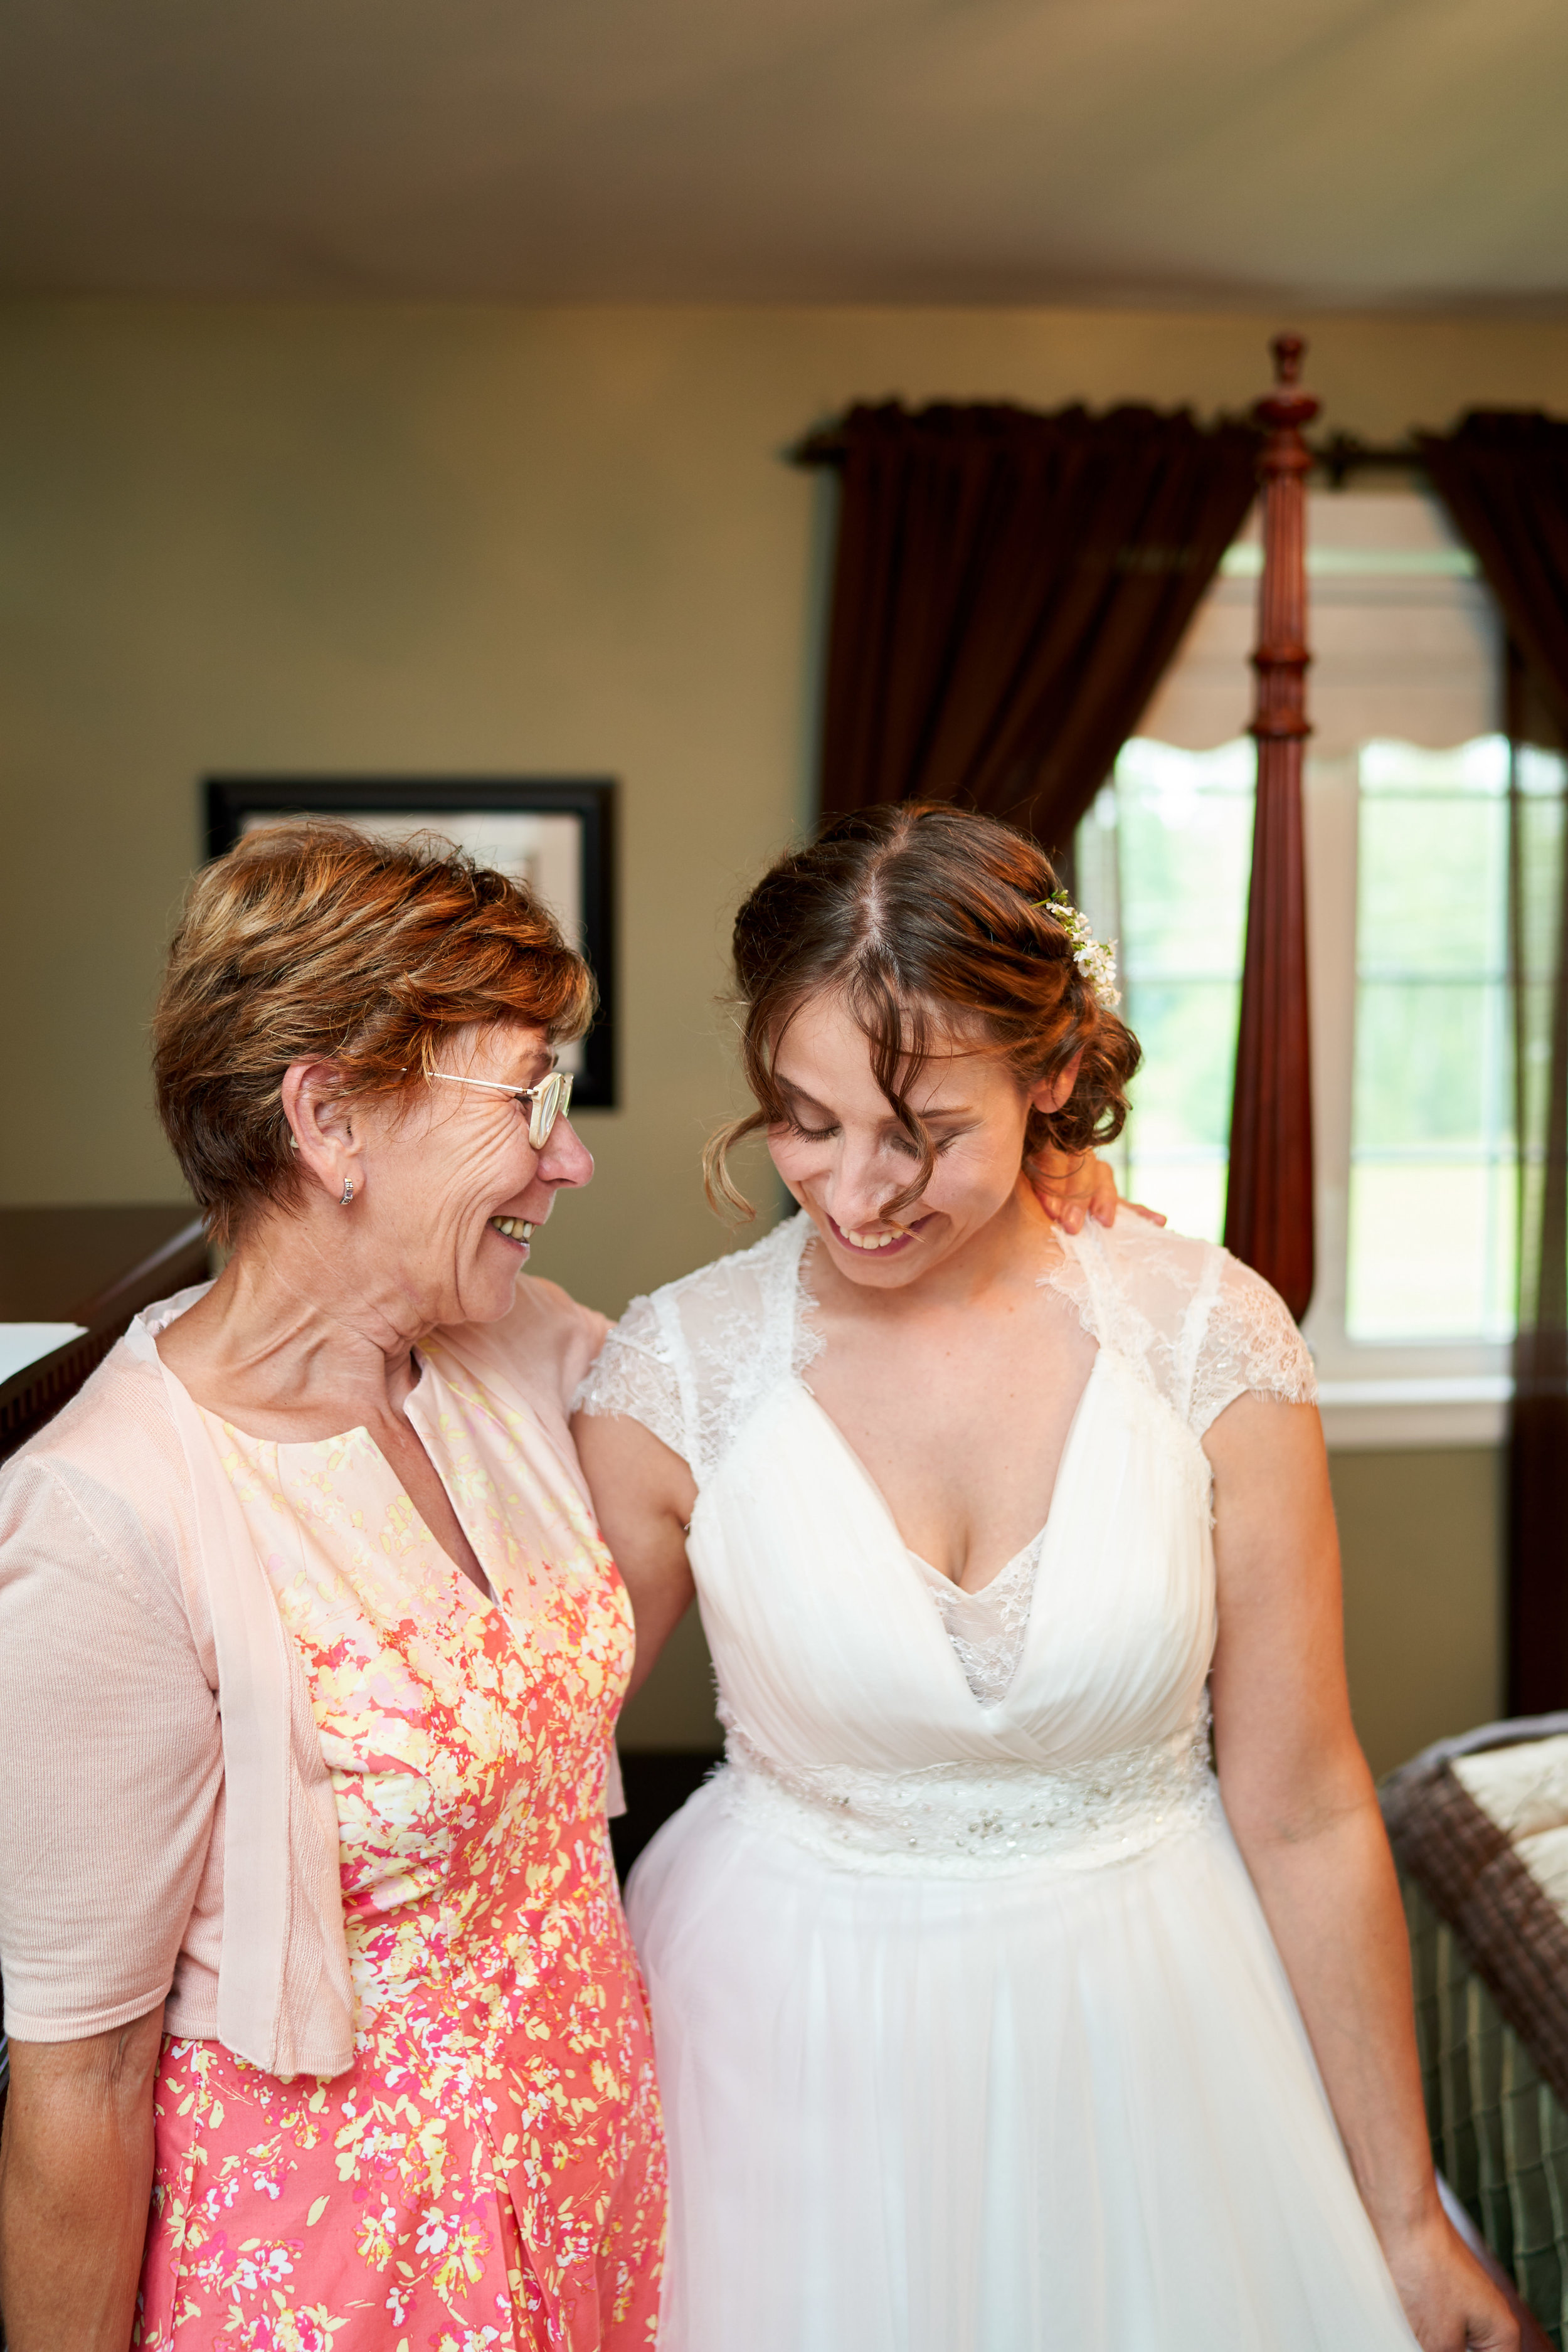 Amy-Lee & James' Wedding 145.jpg